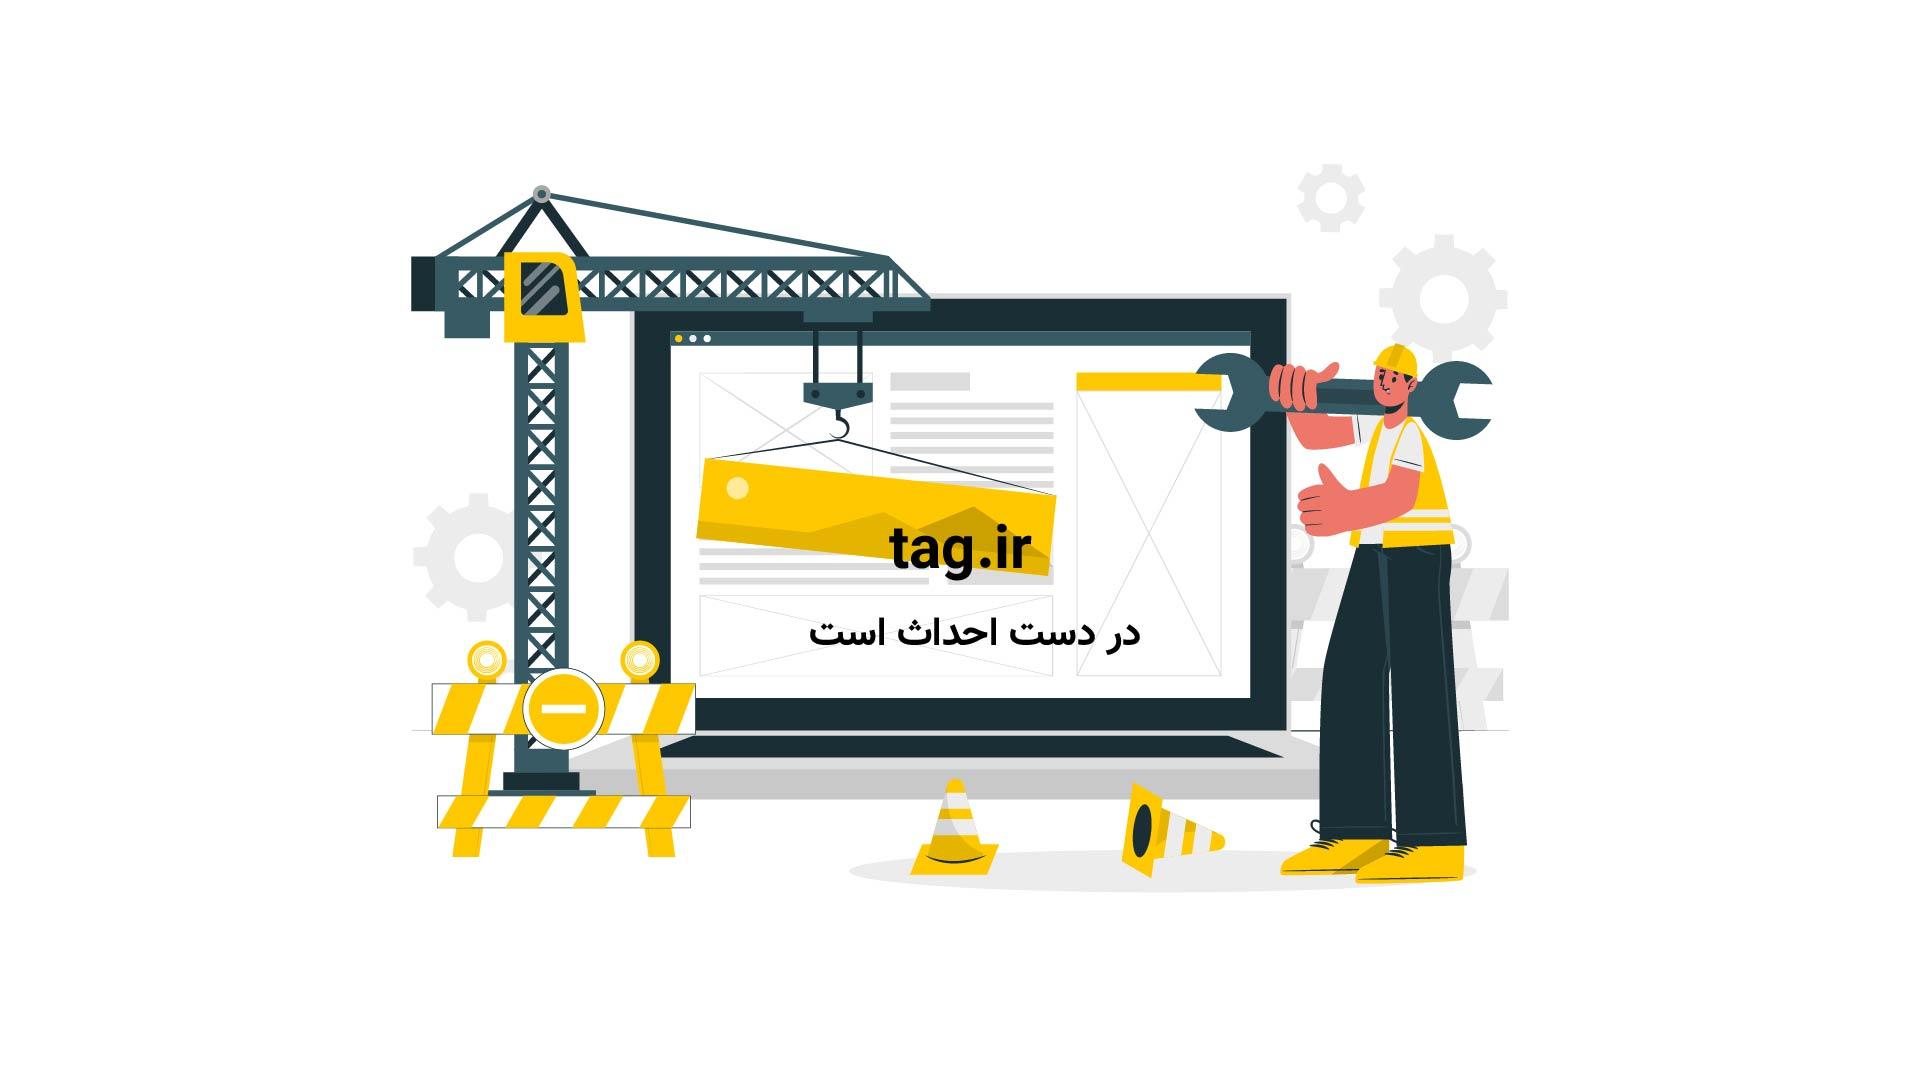 انیمیشن گربه سایمون؛ این قسمت پیتزا | فیلم